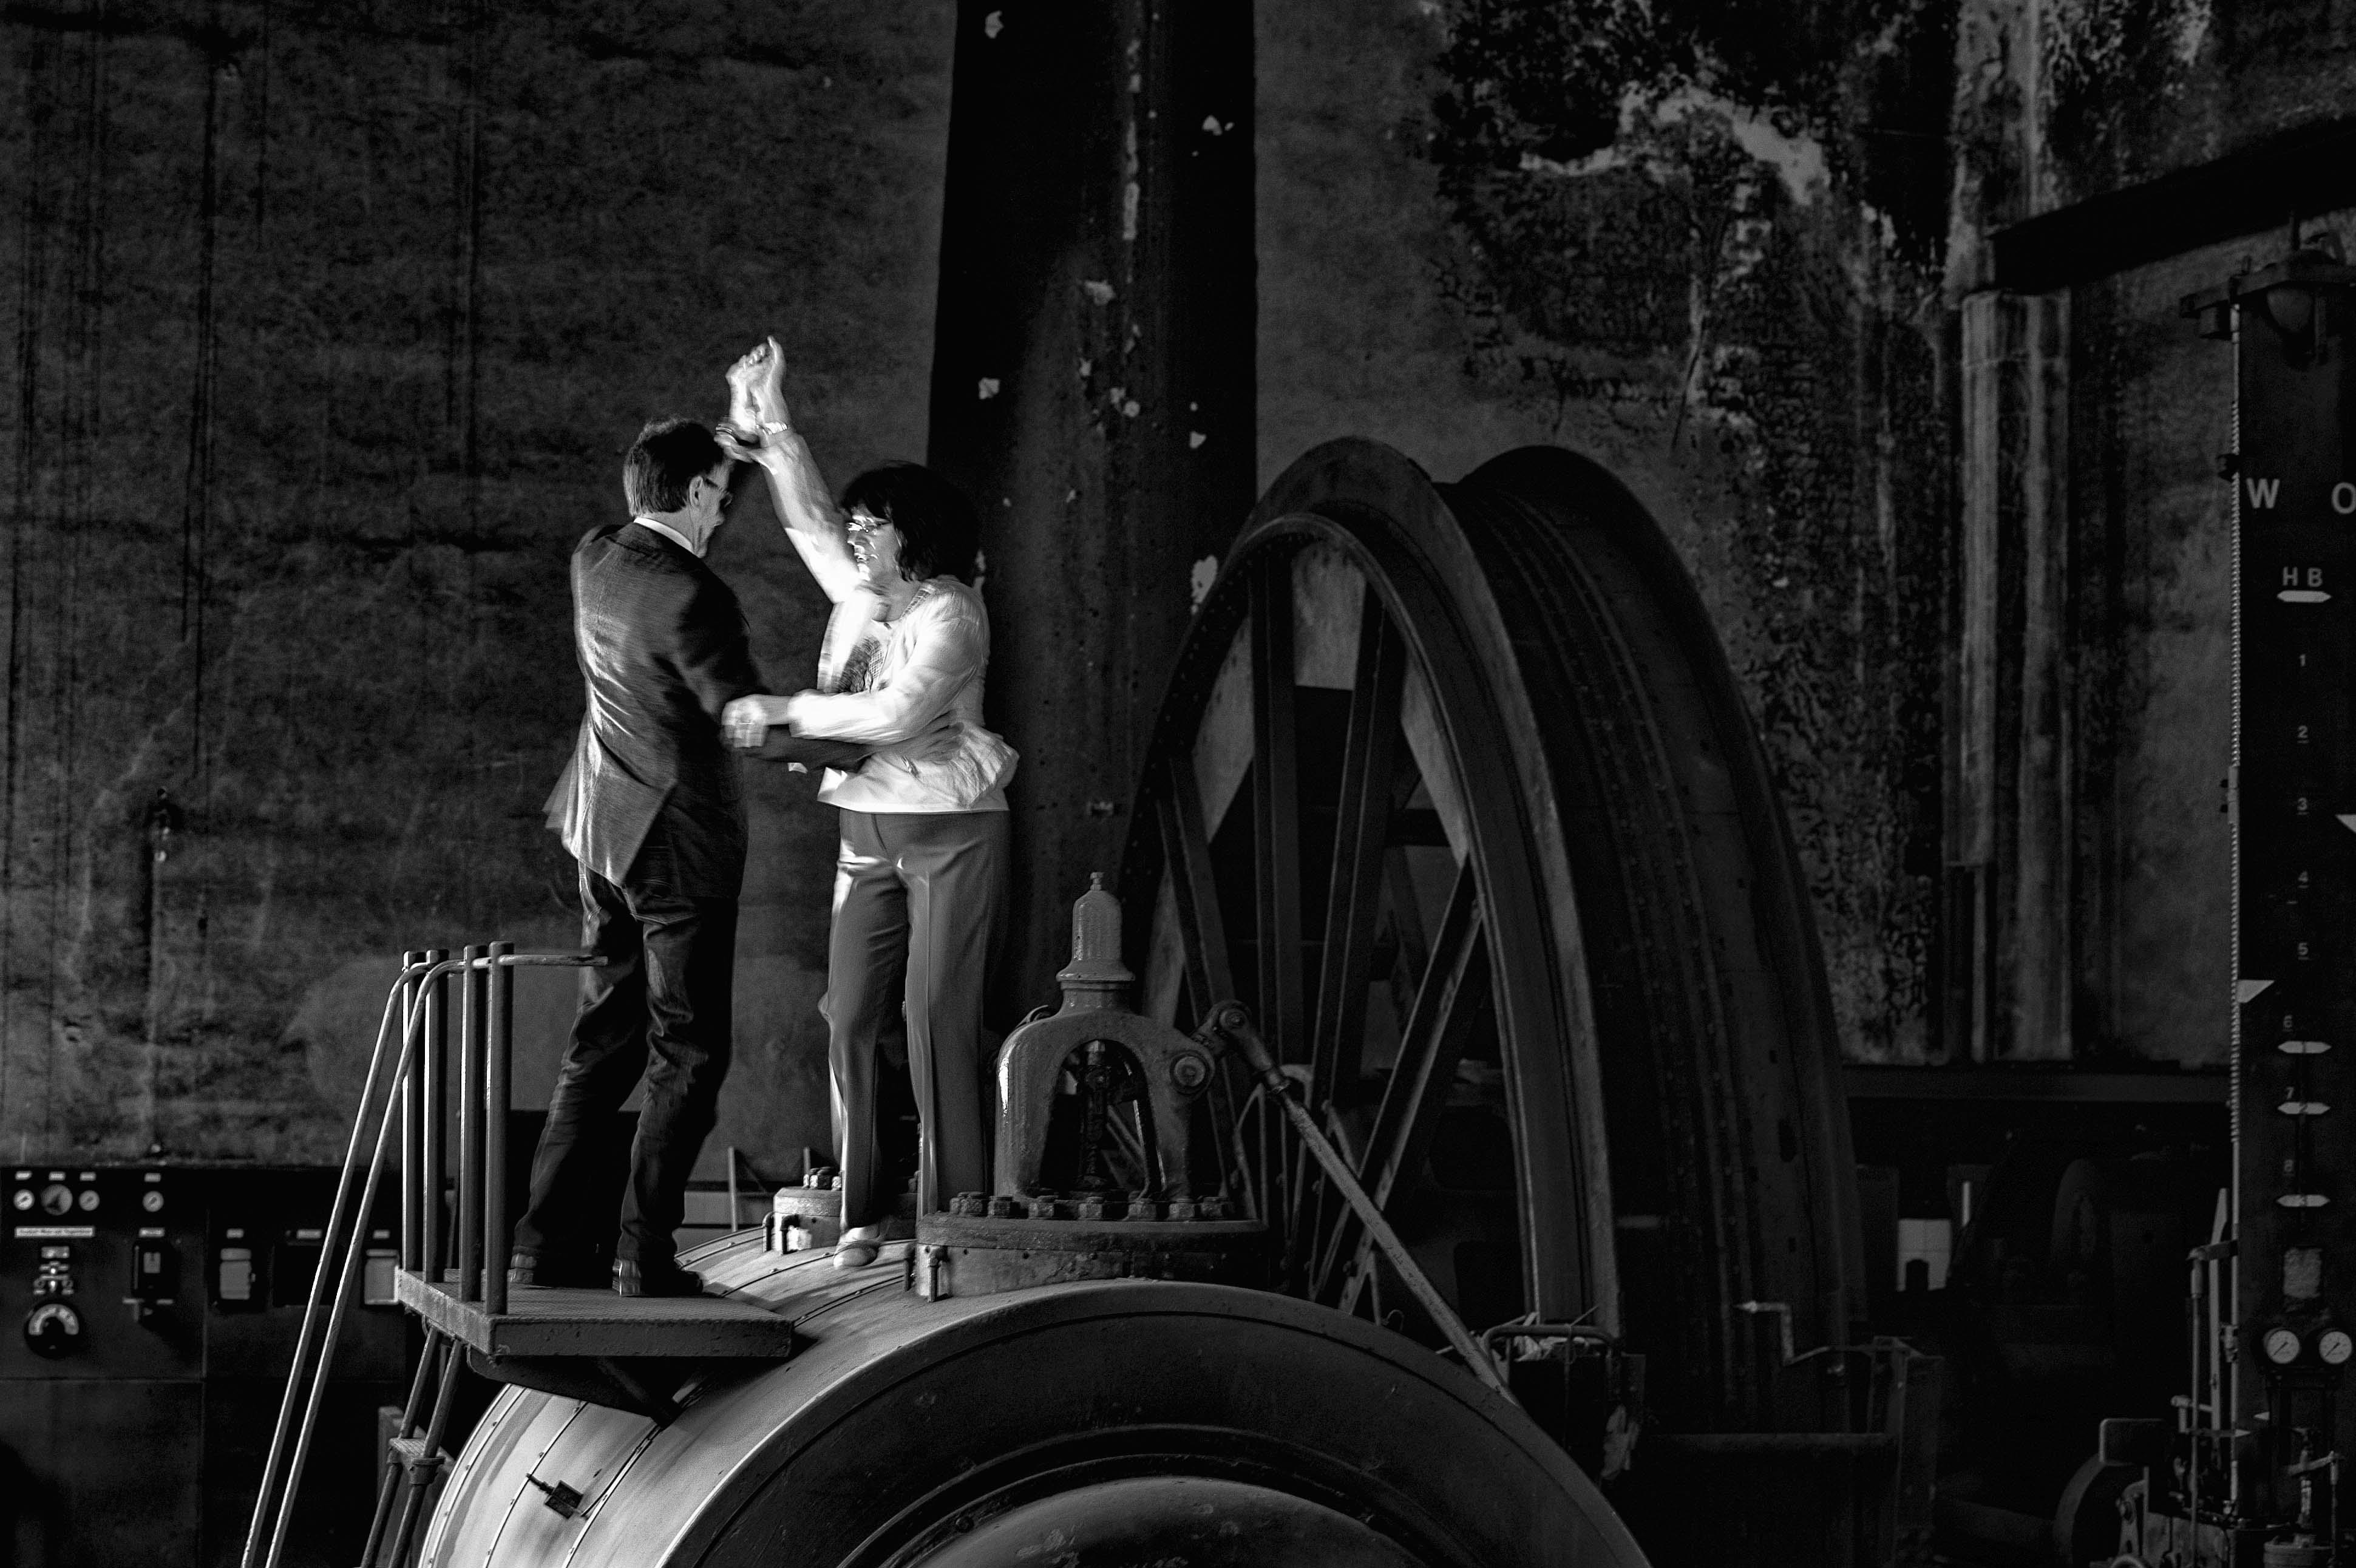 Alfons Buddner mit Frau: Der ehemalige Bergmann ist begeisterter Tänzer. Er tanzt auf einer restaurierten Dampffördermaschine seiner Ex-Zeche Fürst Leopold in Dorsten.